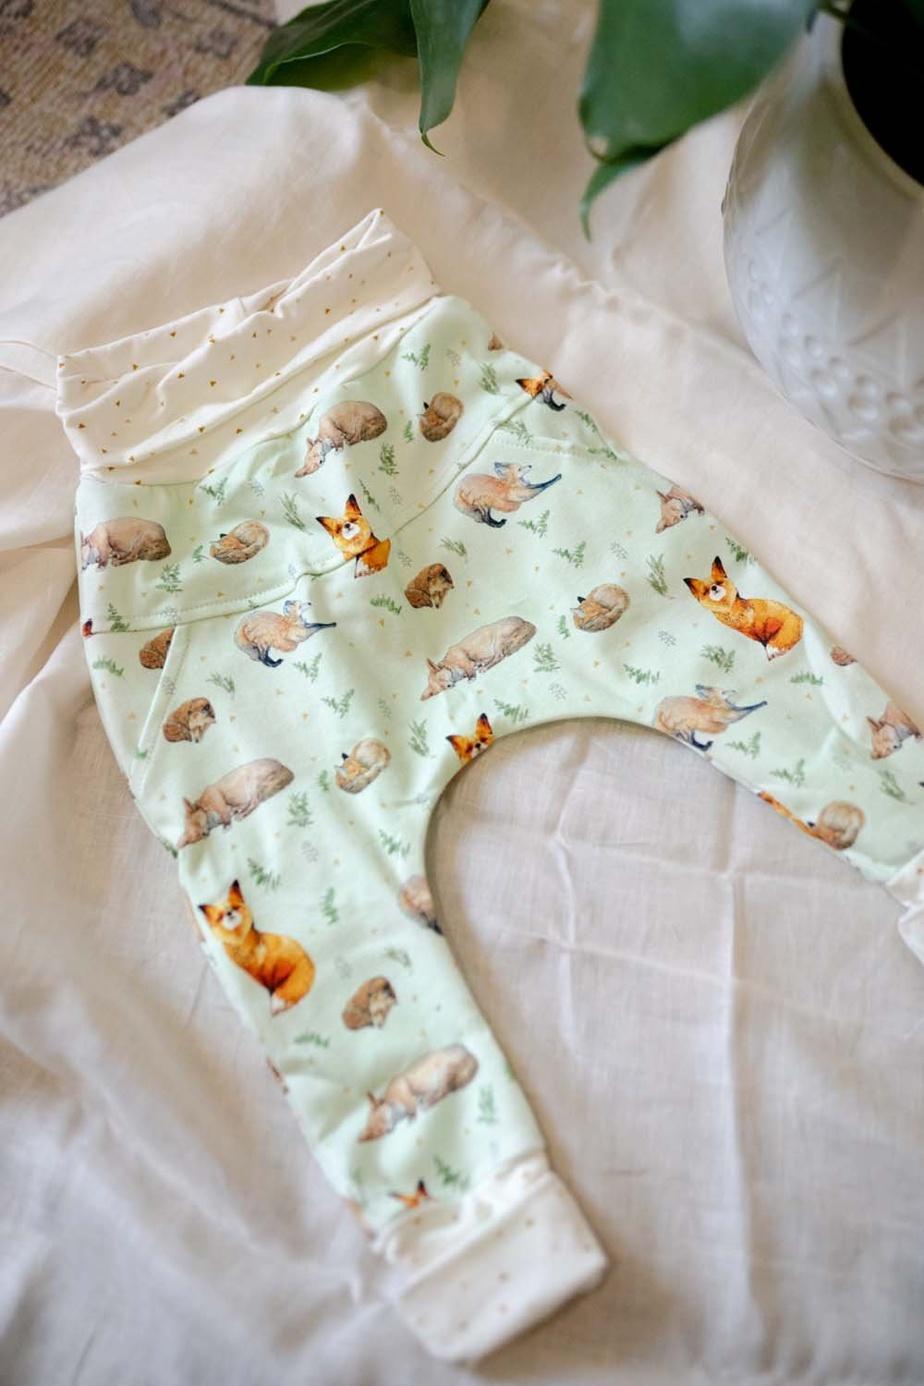 La marque montréalaise Little Yogi charme avec ses vêtements pour enfants unisexes et évolutifs, faits à la main avec des matériaux naturels, comme du coton et du bambou biologiques. Une des pièces phares de la marque est sans doute le pantalon évolutif Harem, offert dans une variété de motifs et de couleurs, comme celui-ci, le «Little Fox», tiré de la nouvelle collection Moonchild. Prix: 53$ (tailles de 0-6mois jusqu'à 3-5ans), offert en ligne.